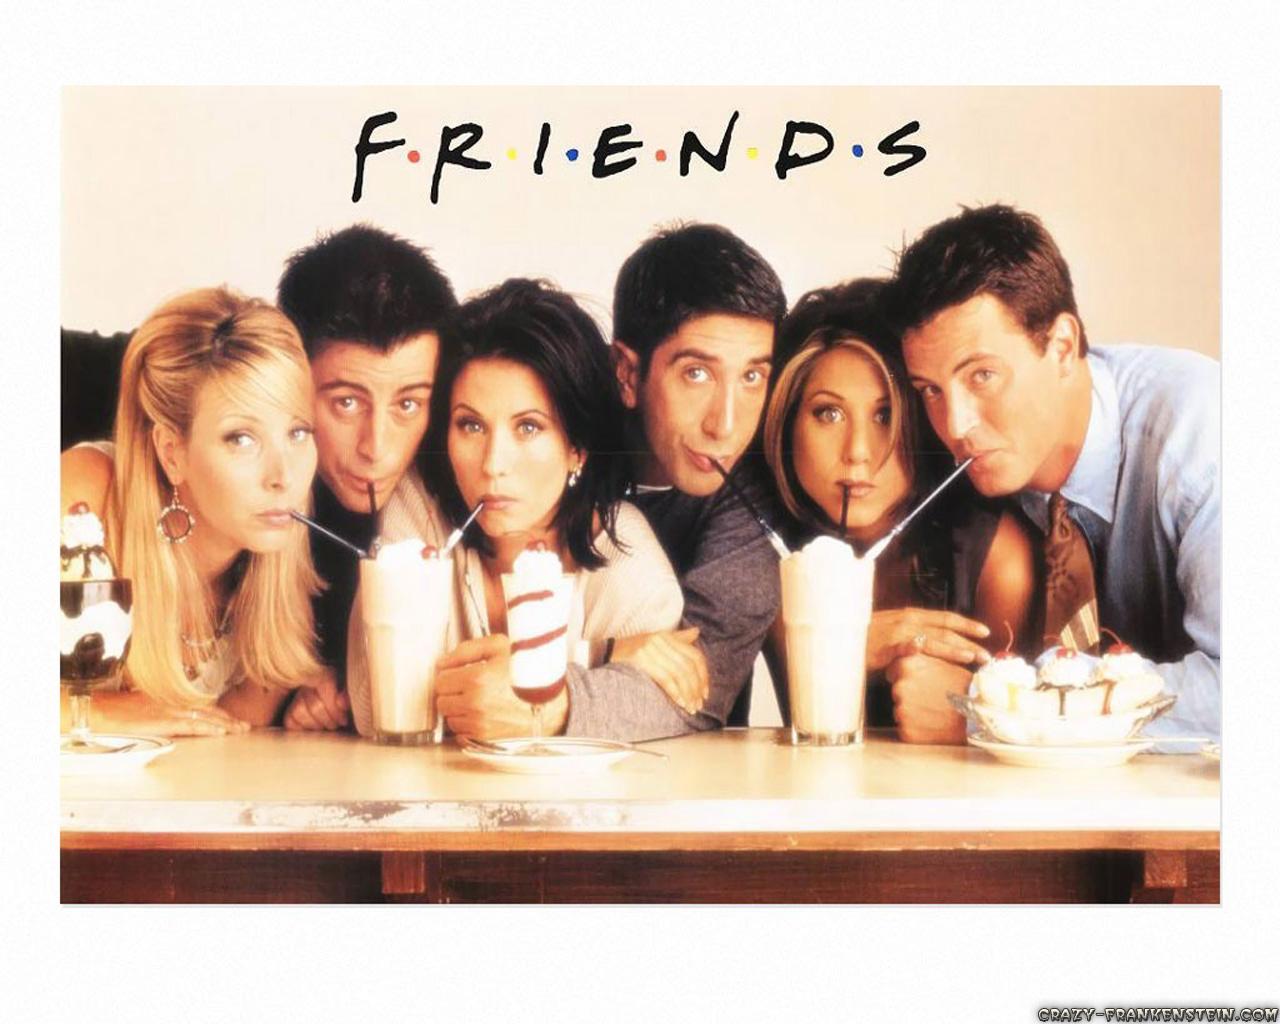 http://1.bp.blogspot.com/-Qq_hVmLVpGI/UKxk3RNkA2I/AAAAAAAADLg/G9_LZHSnvWU/s1600/friends-tv-show-wallpapers-1280x1024.jpg#friends%20tv%20show%201280x1024